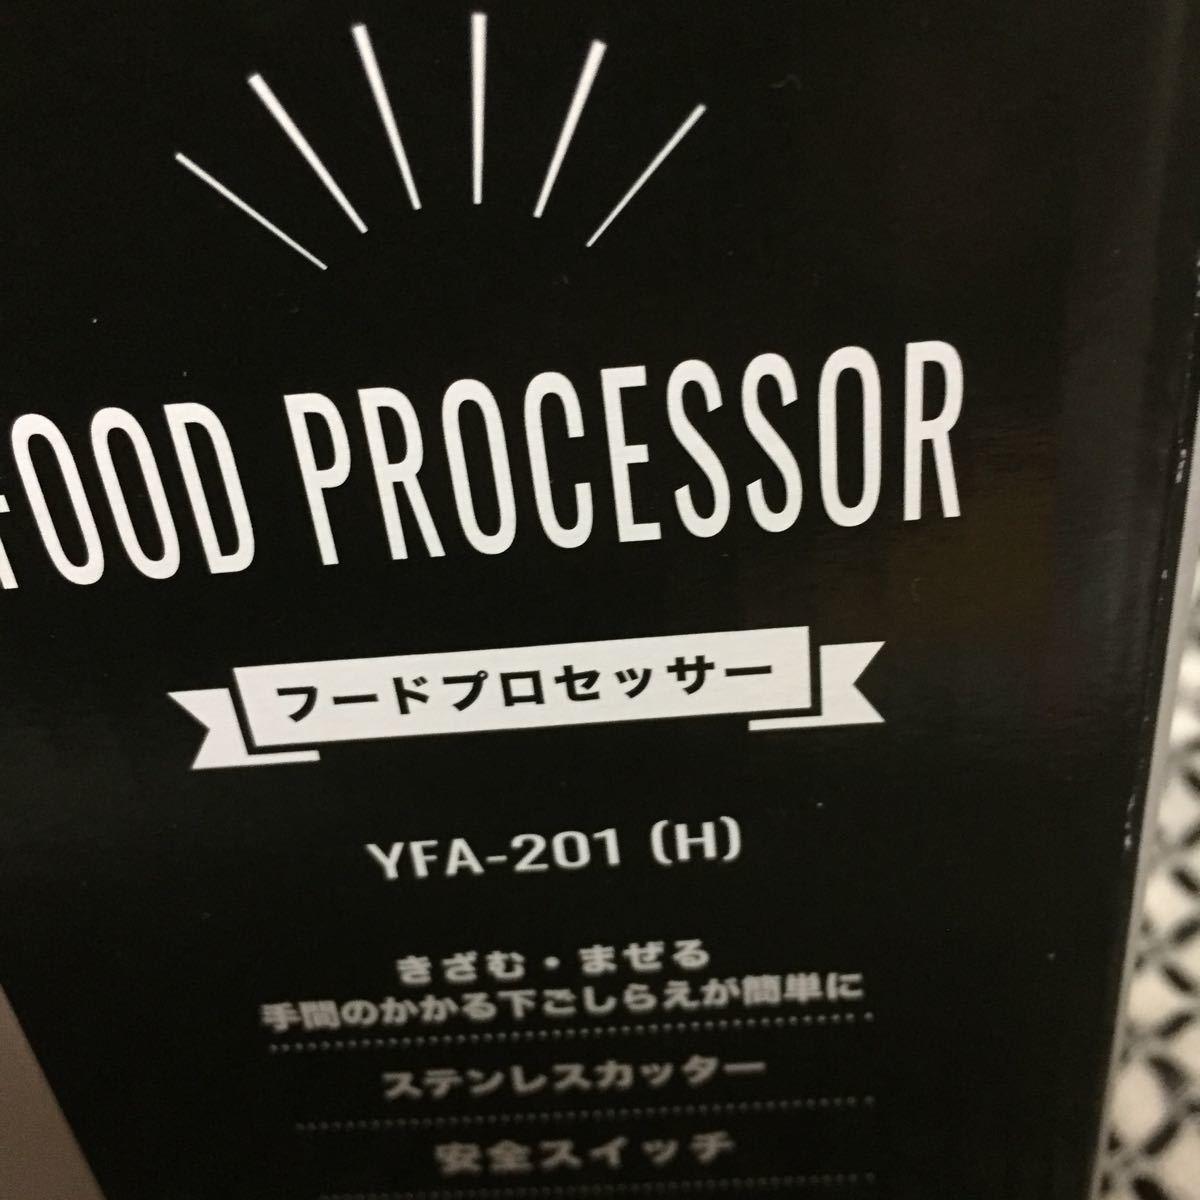 未使用フードプロセッサー YFA-201 山善